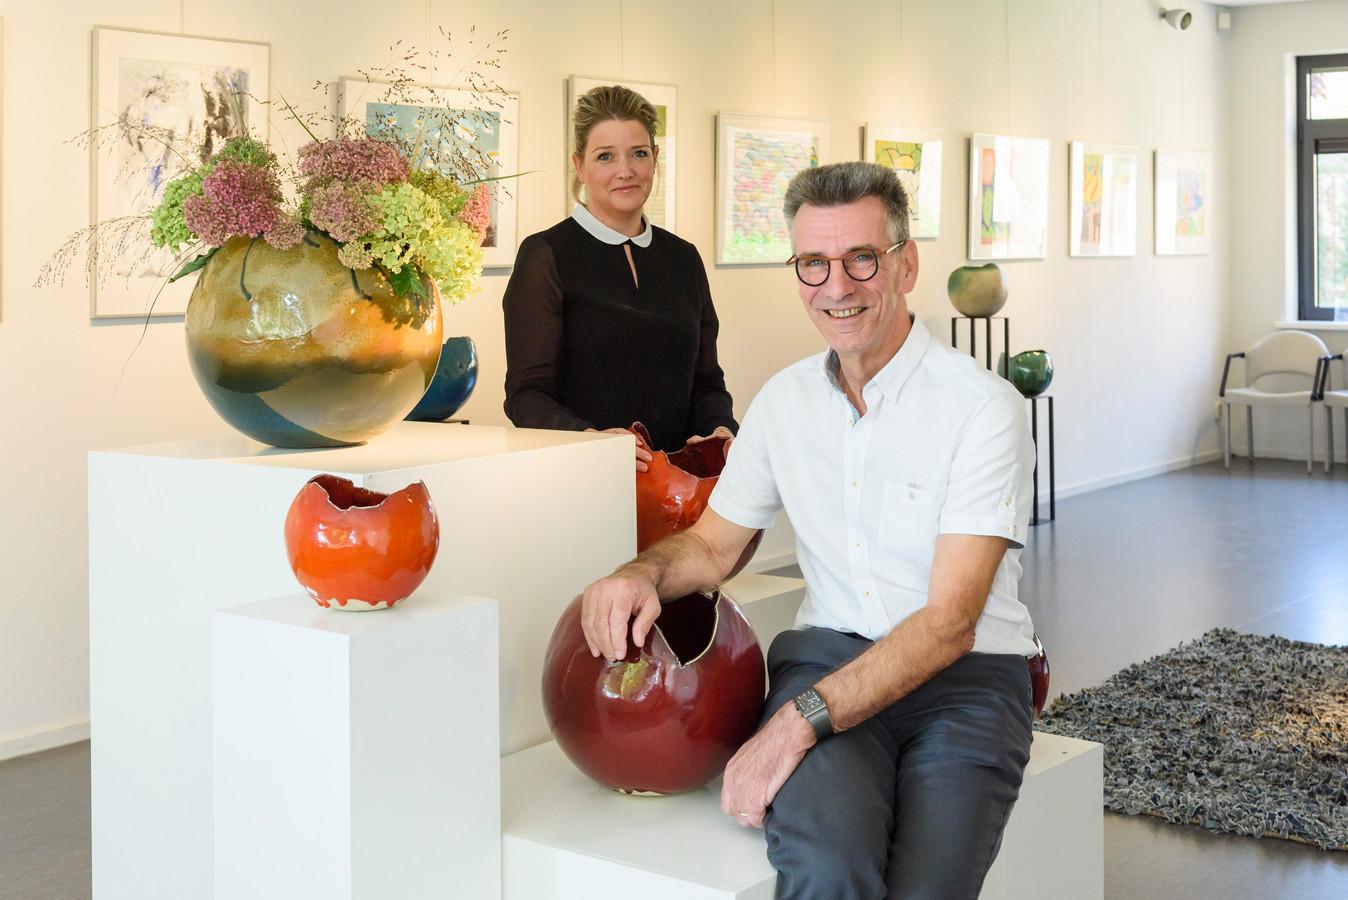 Voormalige galeriehouder Britt Kinnegen volgt Guus de Wijn op. ,,Natuurlijk zal ik accenten gaan verleggen.''